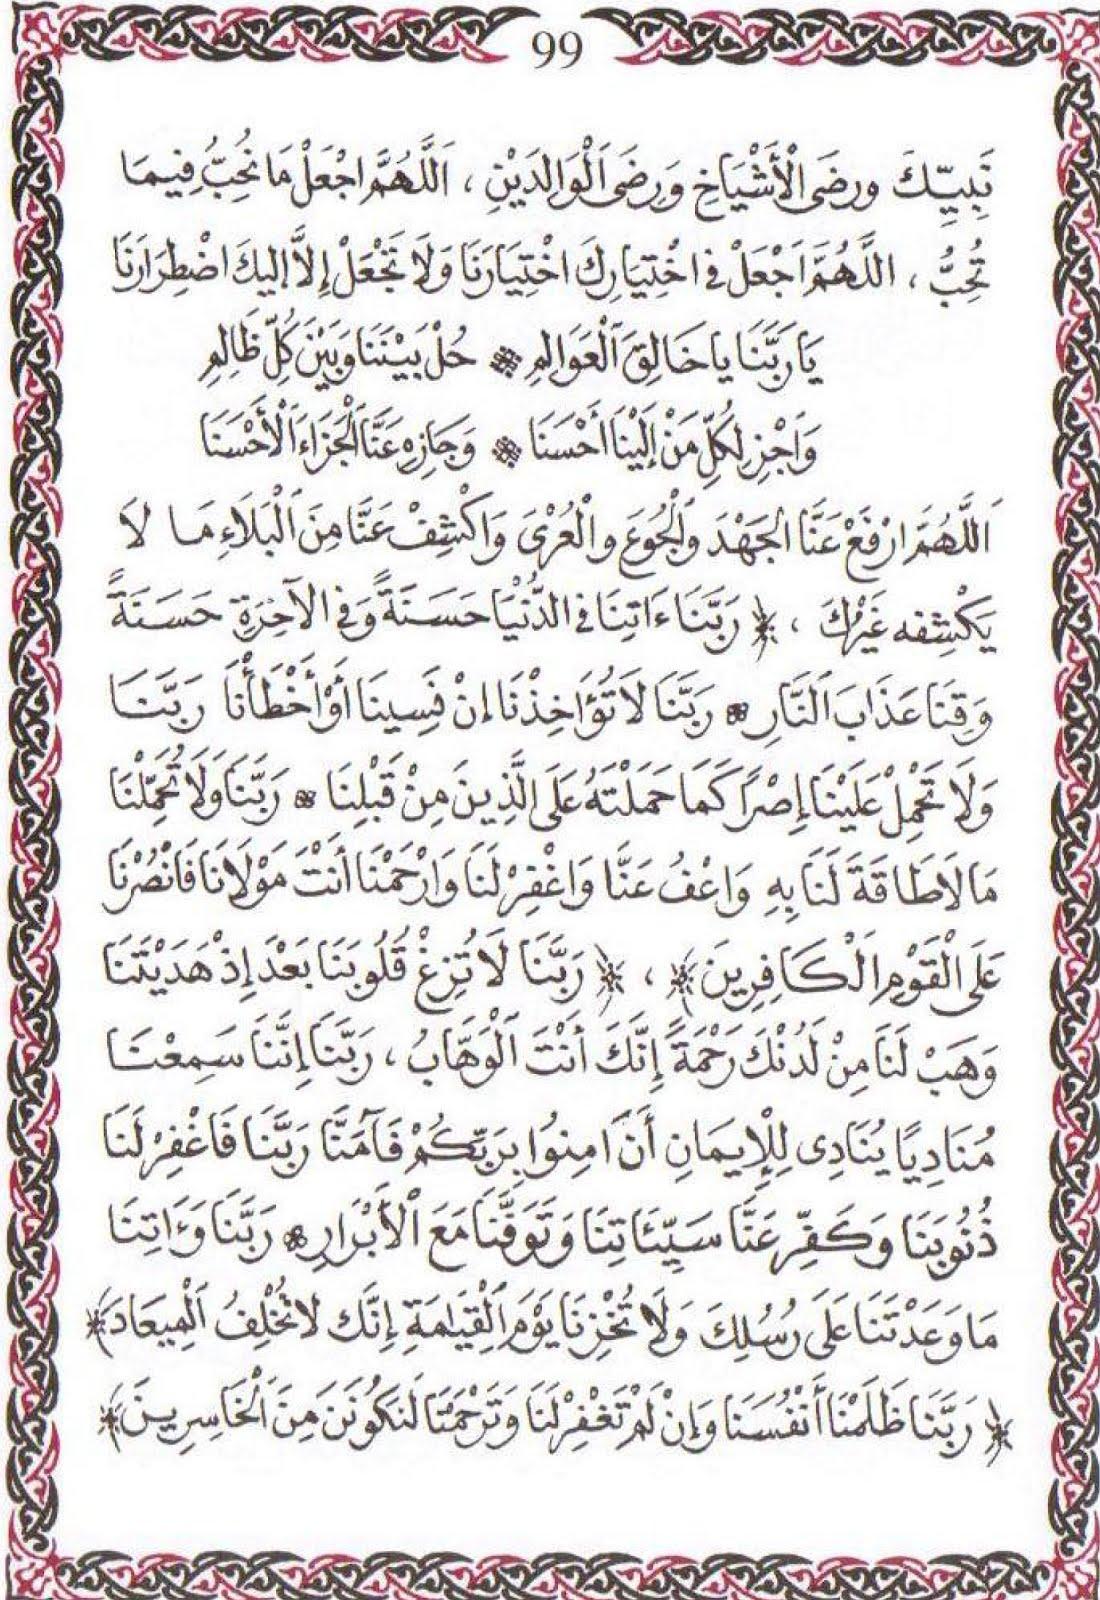 fogyás wazifa az iszlámban